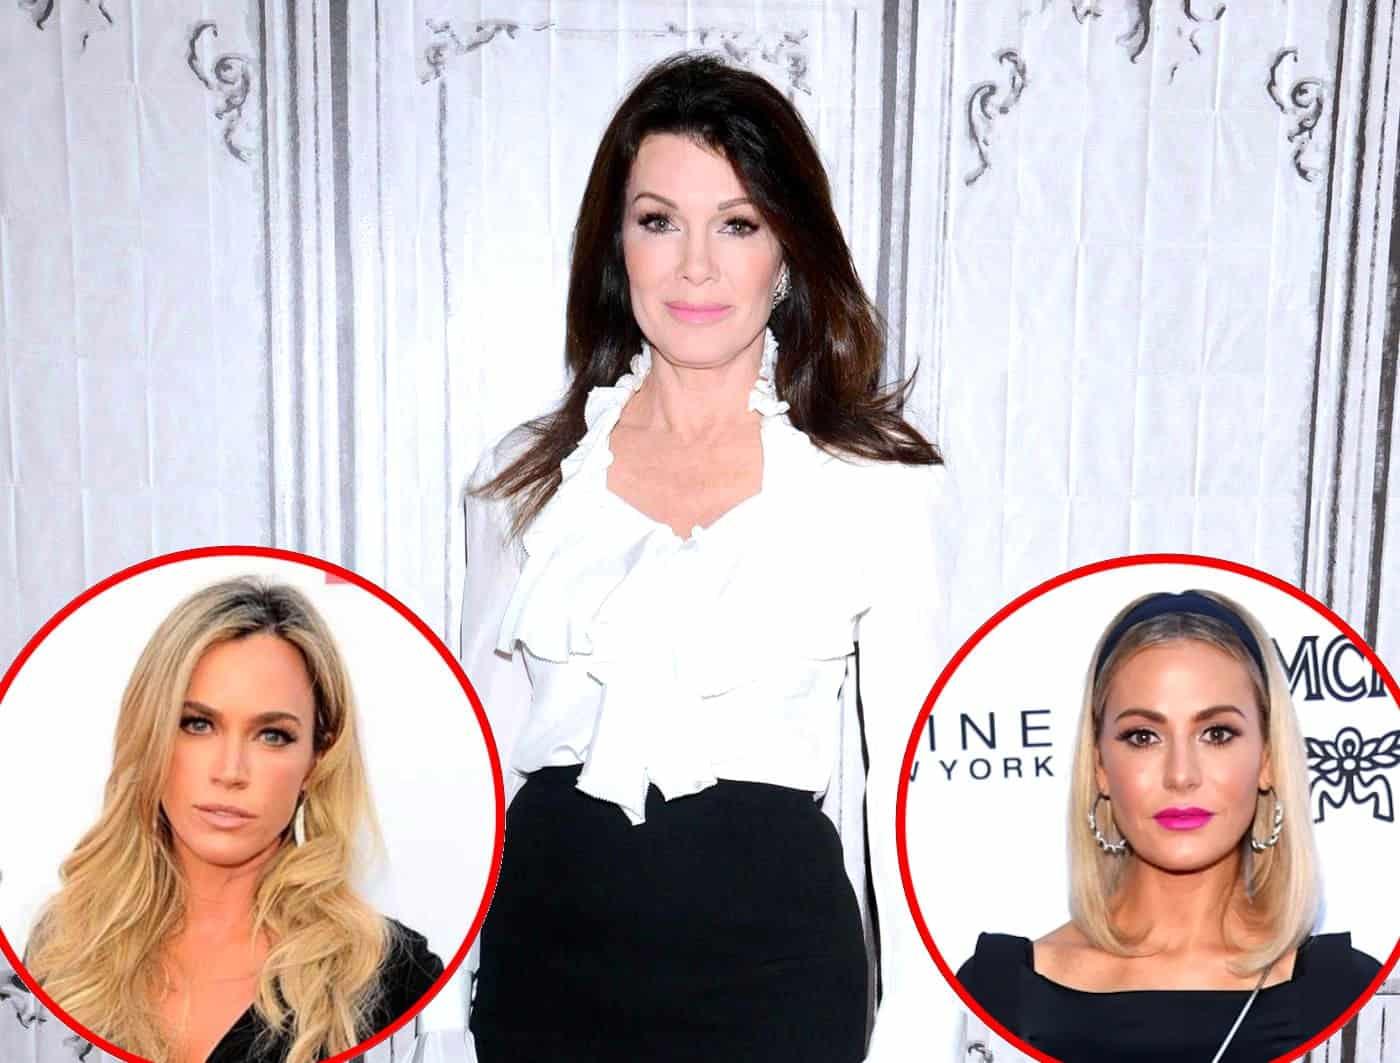 Angelina Armani,Tricia Helfer CAN 2 1997-1998 Hot tube Marisol Malaret,Mary Lynn Rajskub